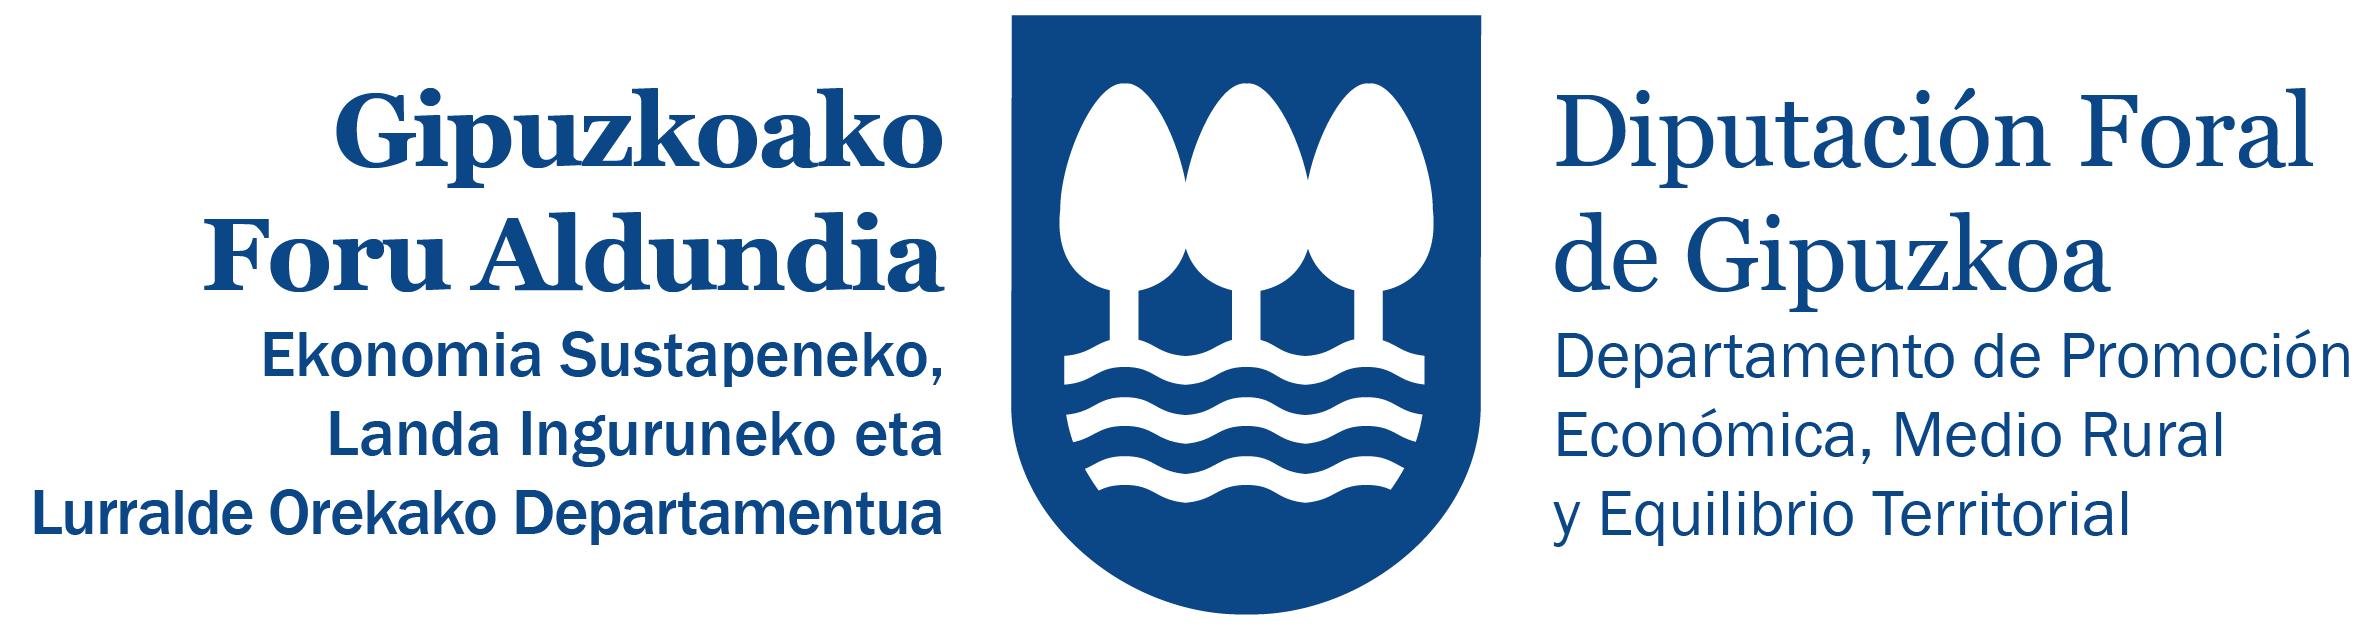 Logo DFG recortado